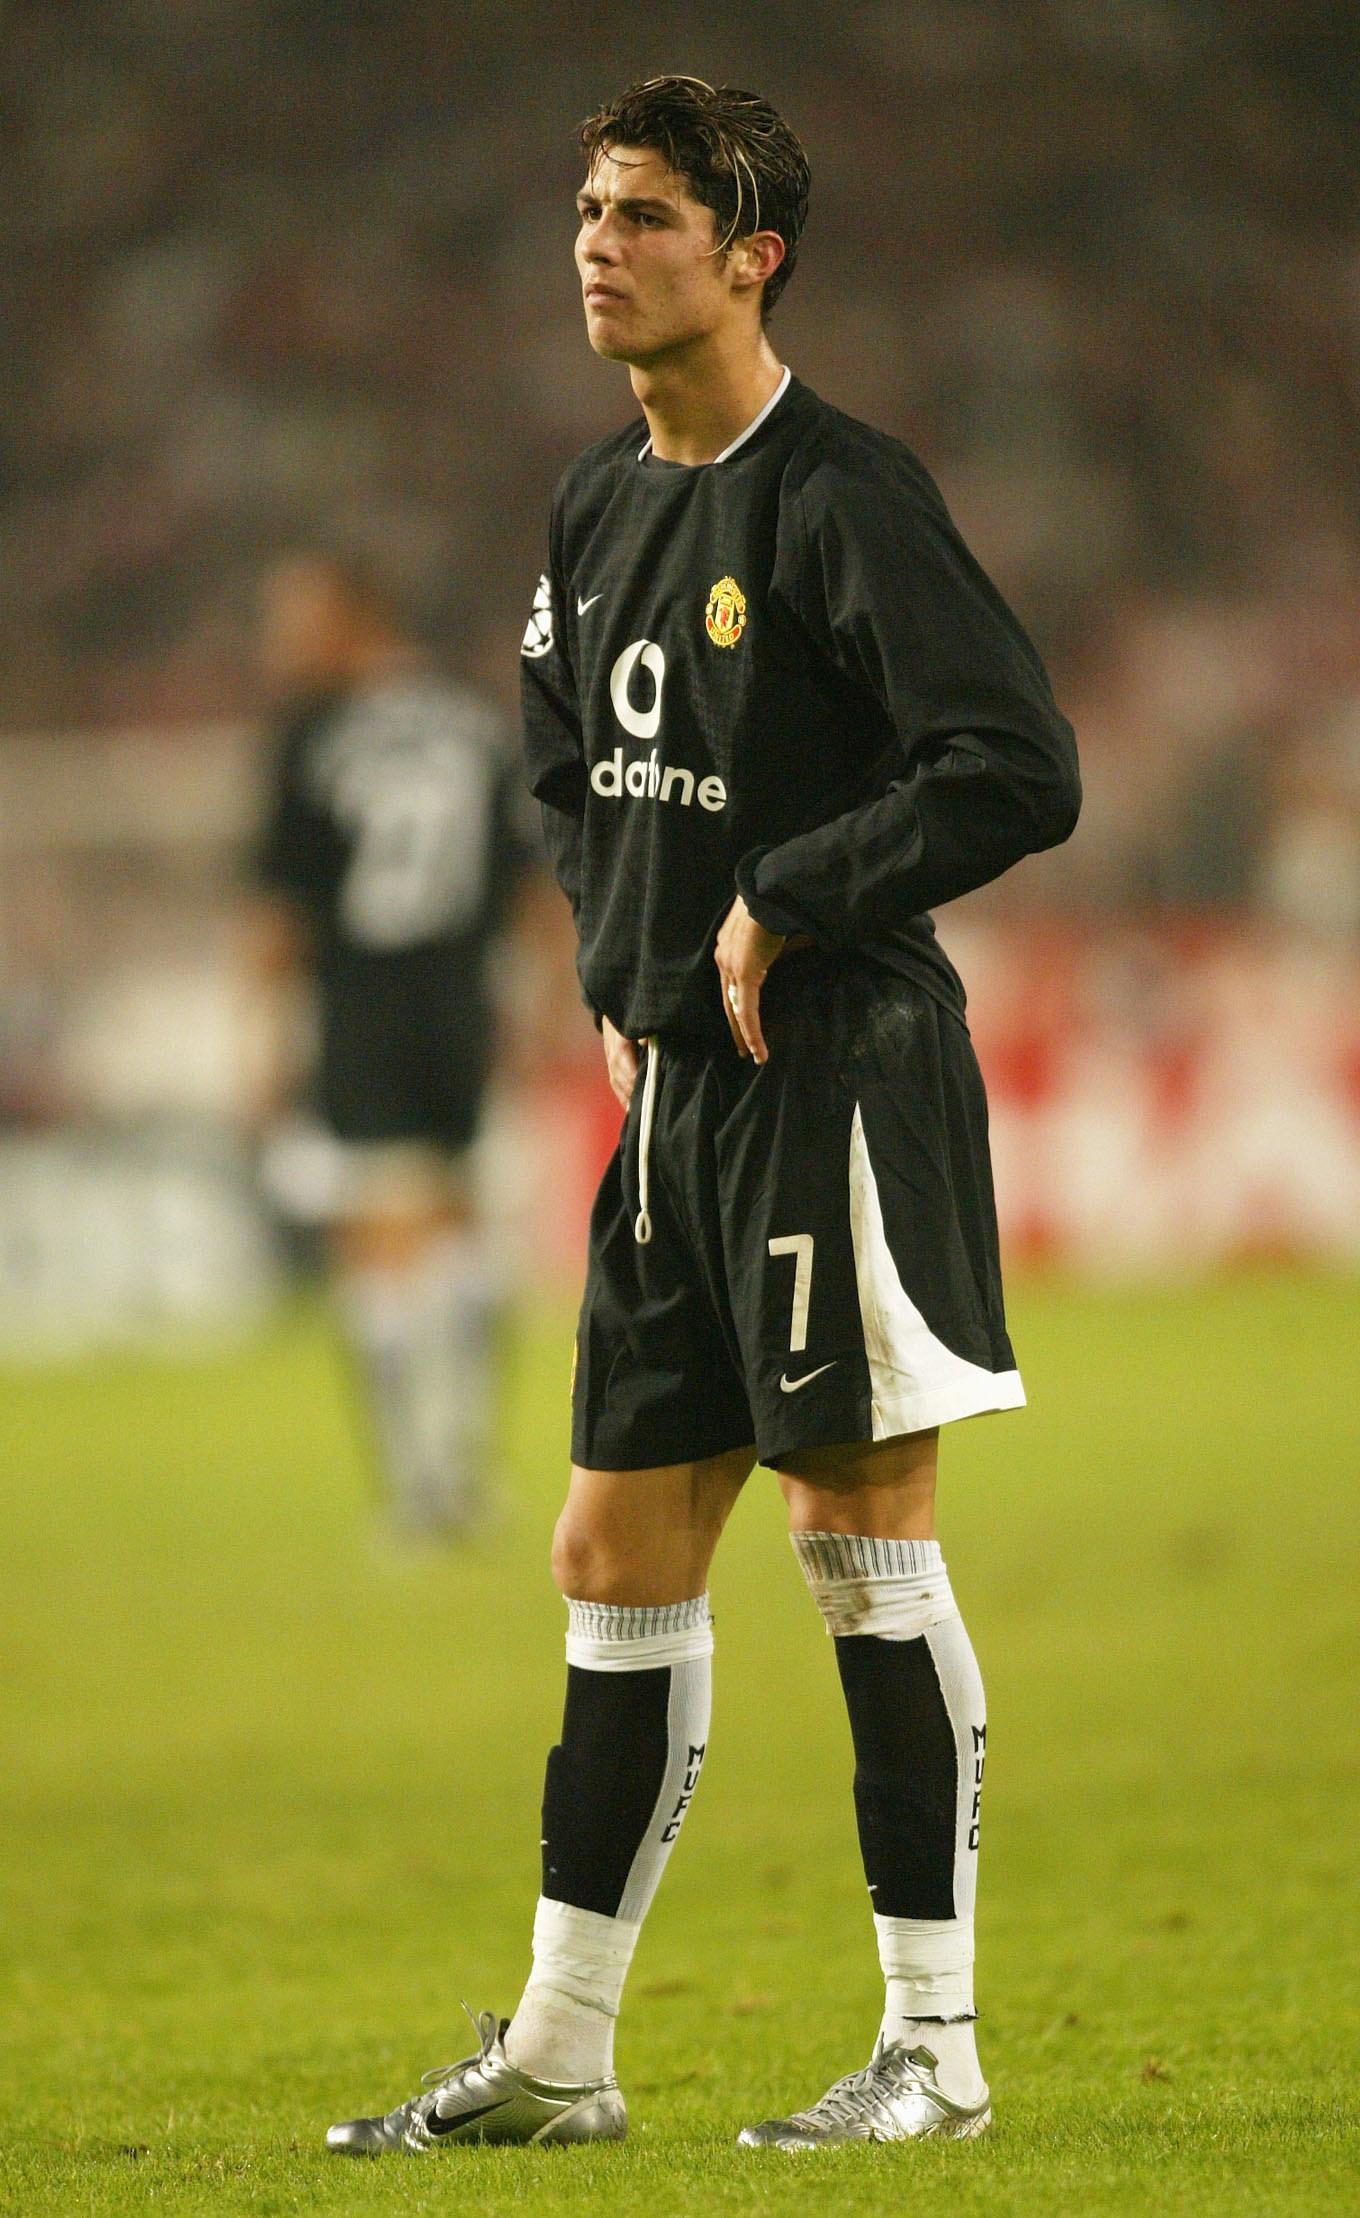 Young Cristiano Ronaldo in a black uniform.